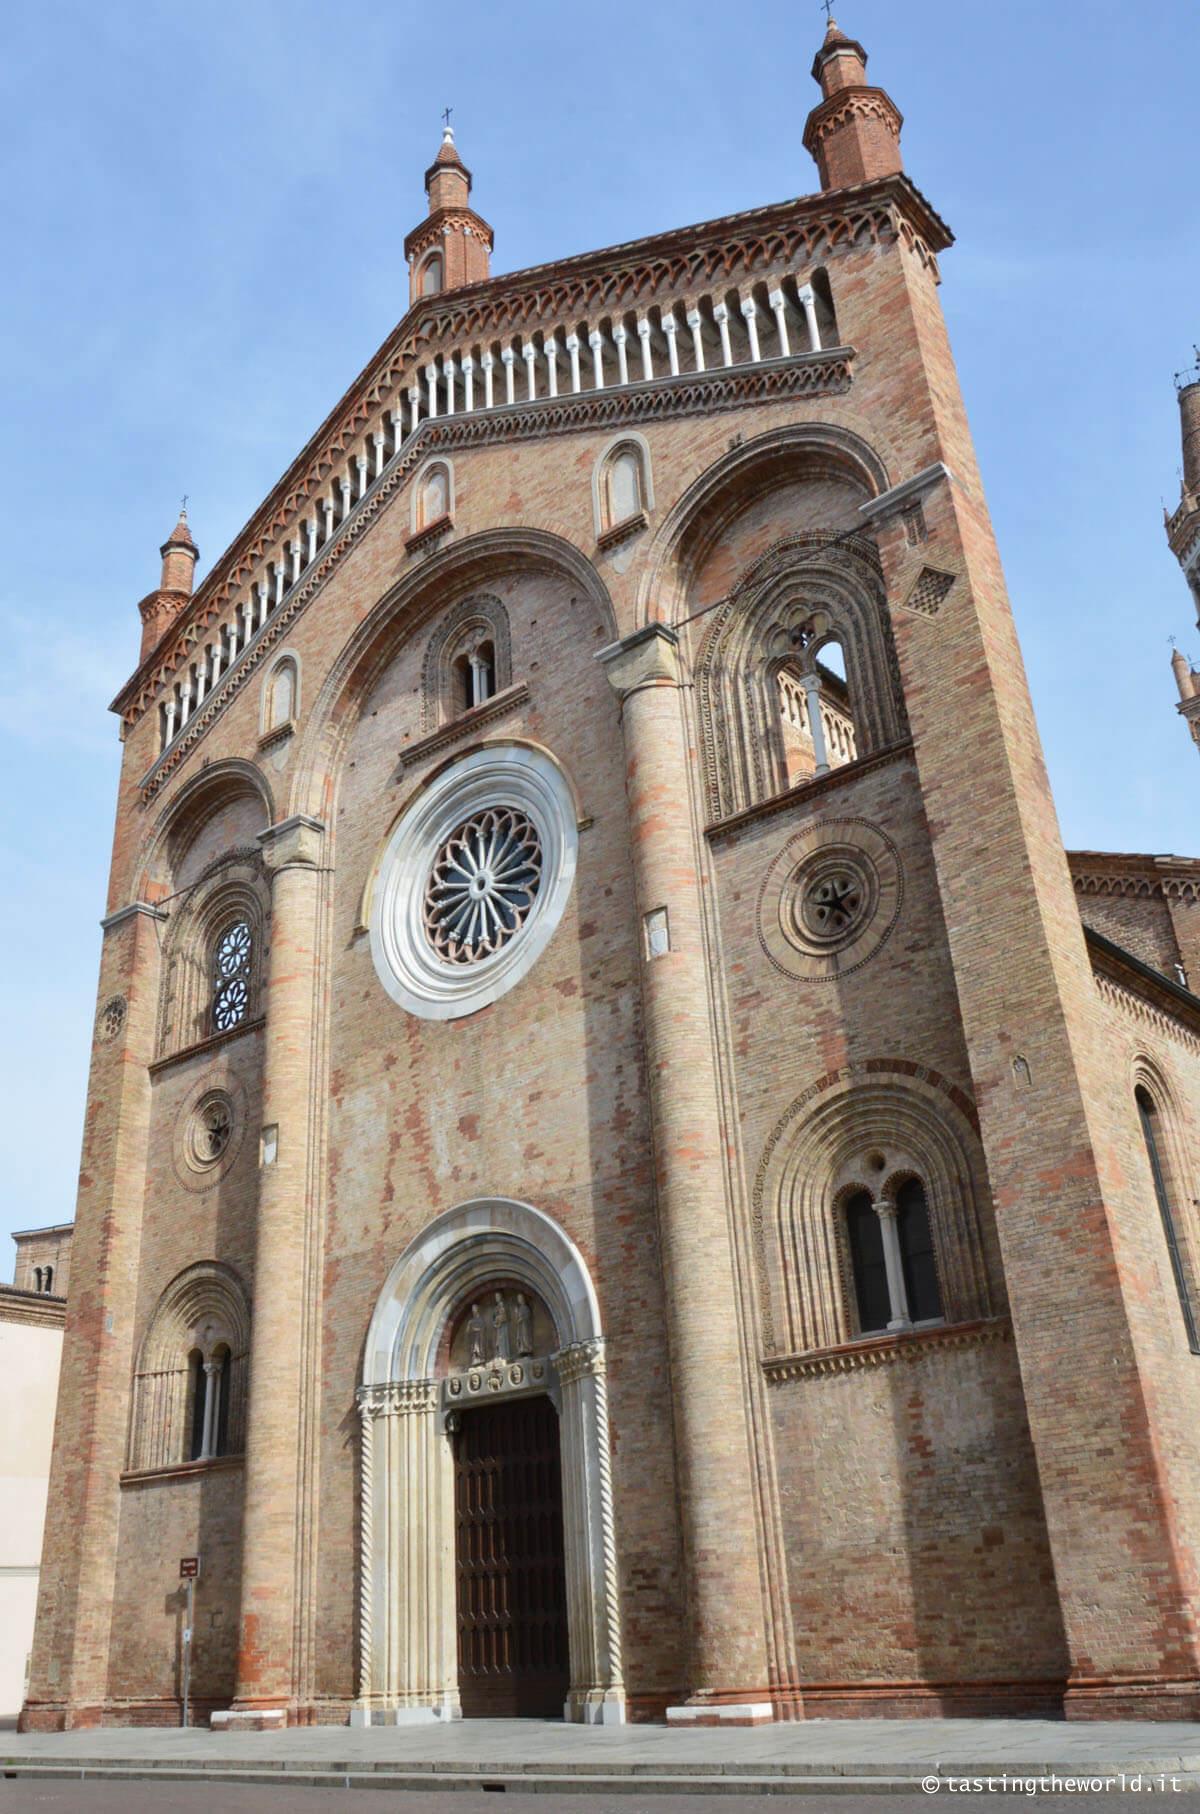 Cattedrale di Santa Maria Assunta, Crema